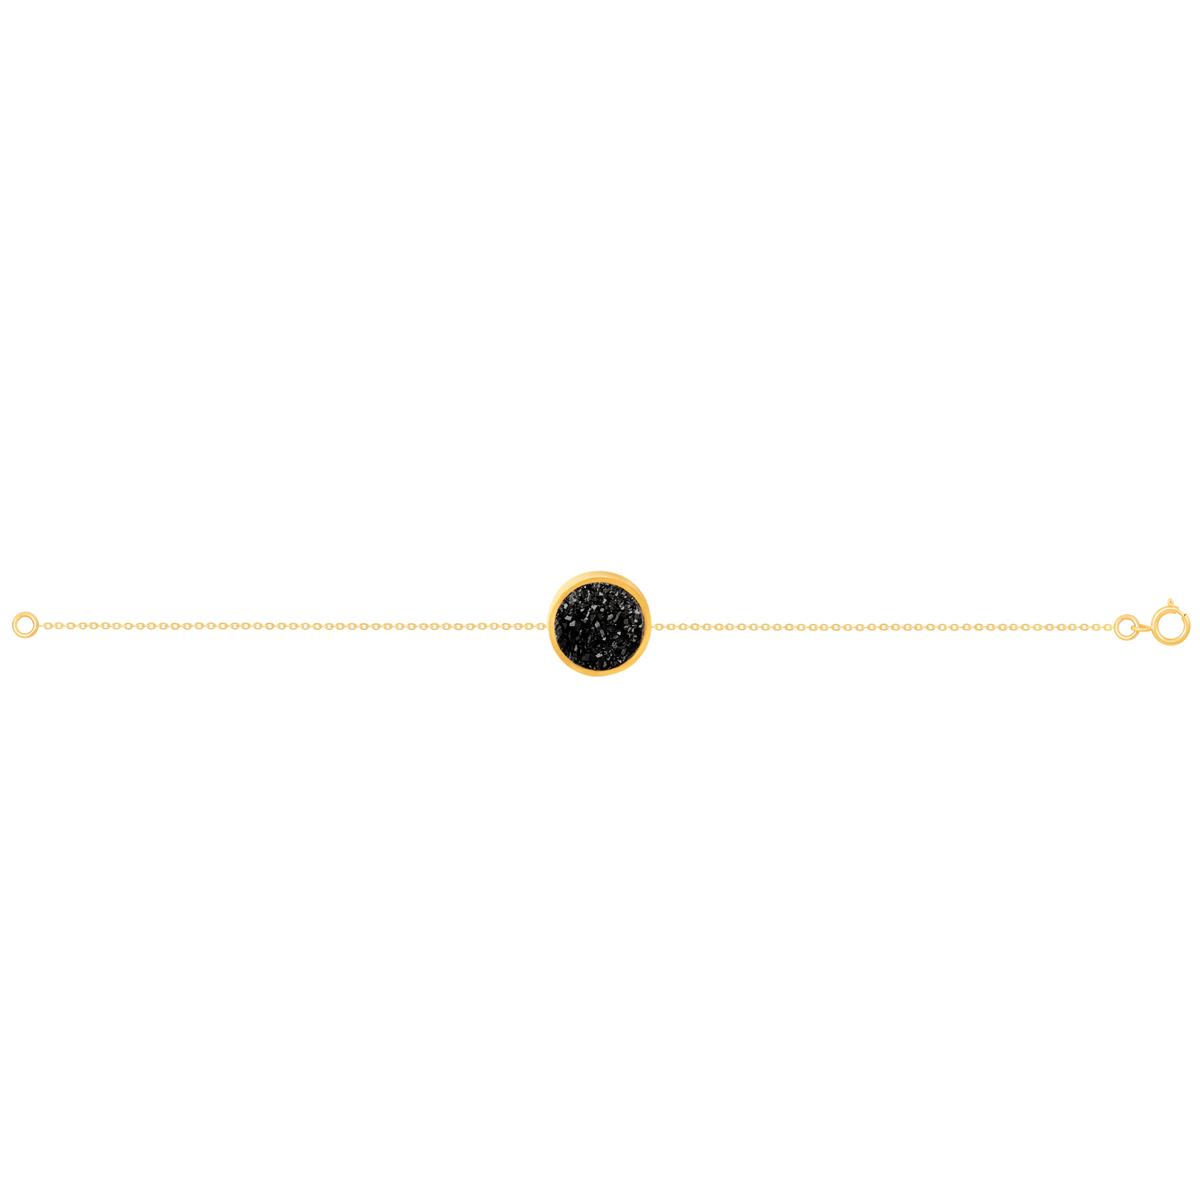 دستبند طلا کوارتز مشکی متوسط